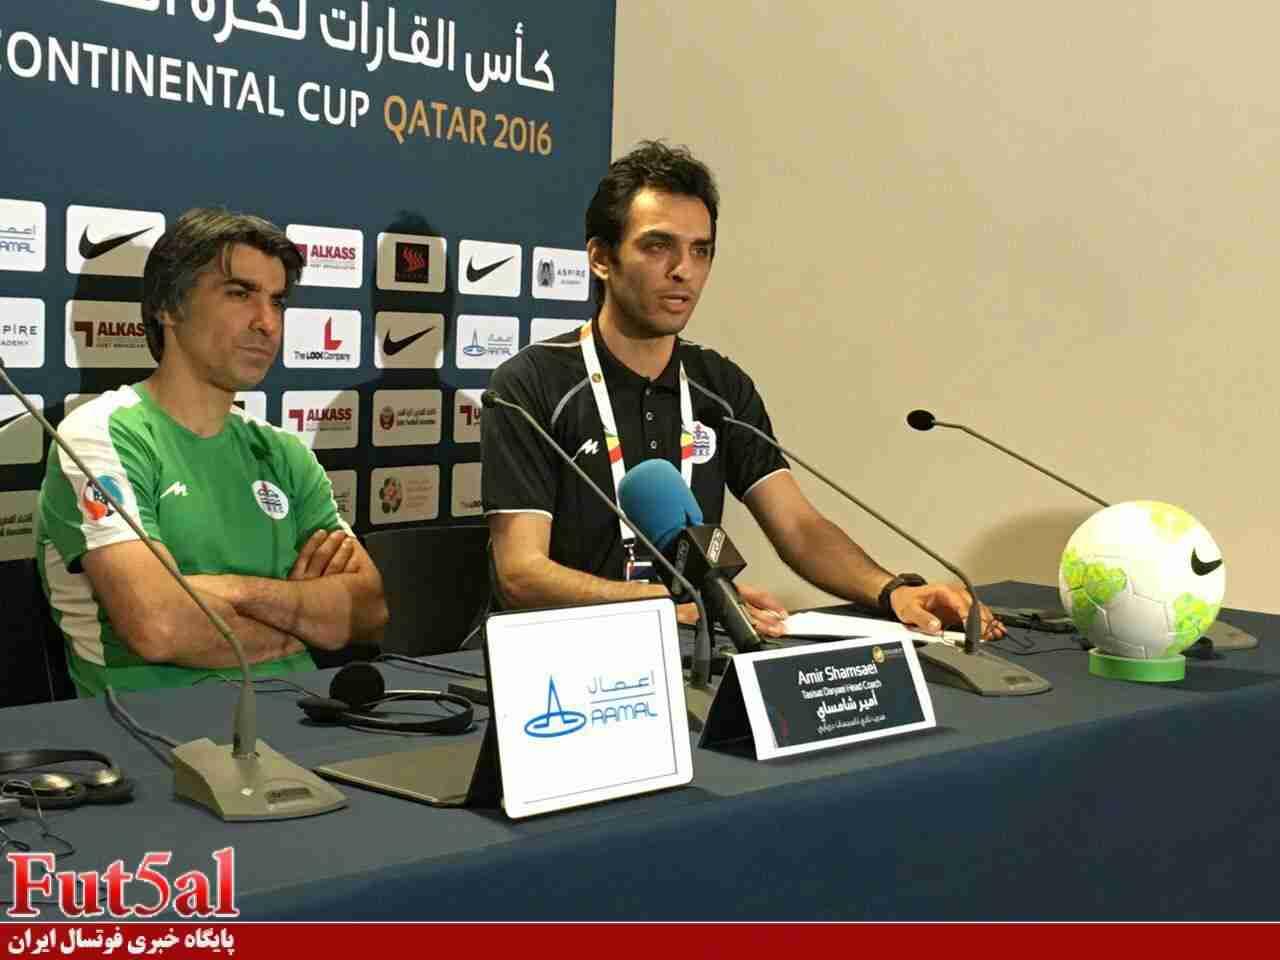 ویدئو/ مصاحبه شمسایی پس از دیدار با بارسلونا